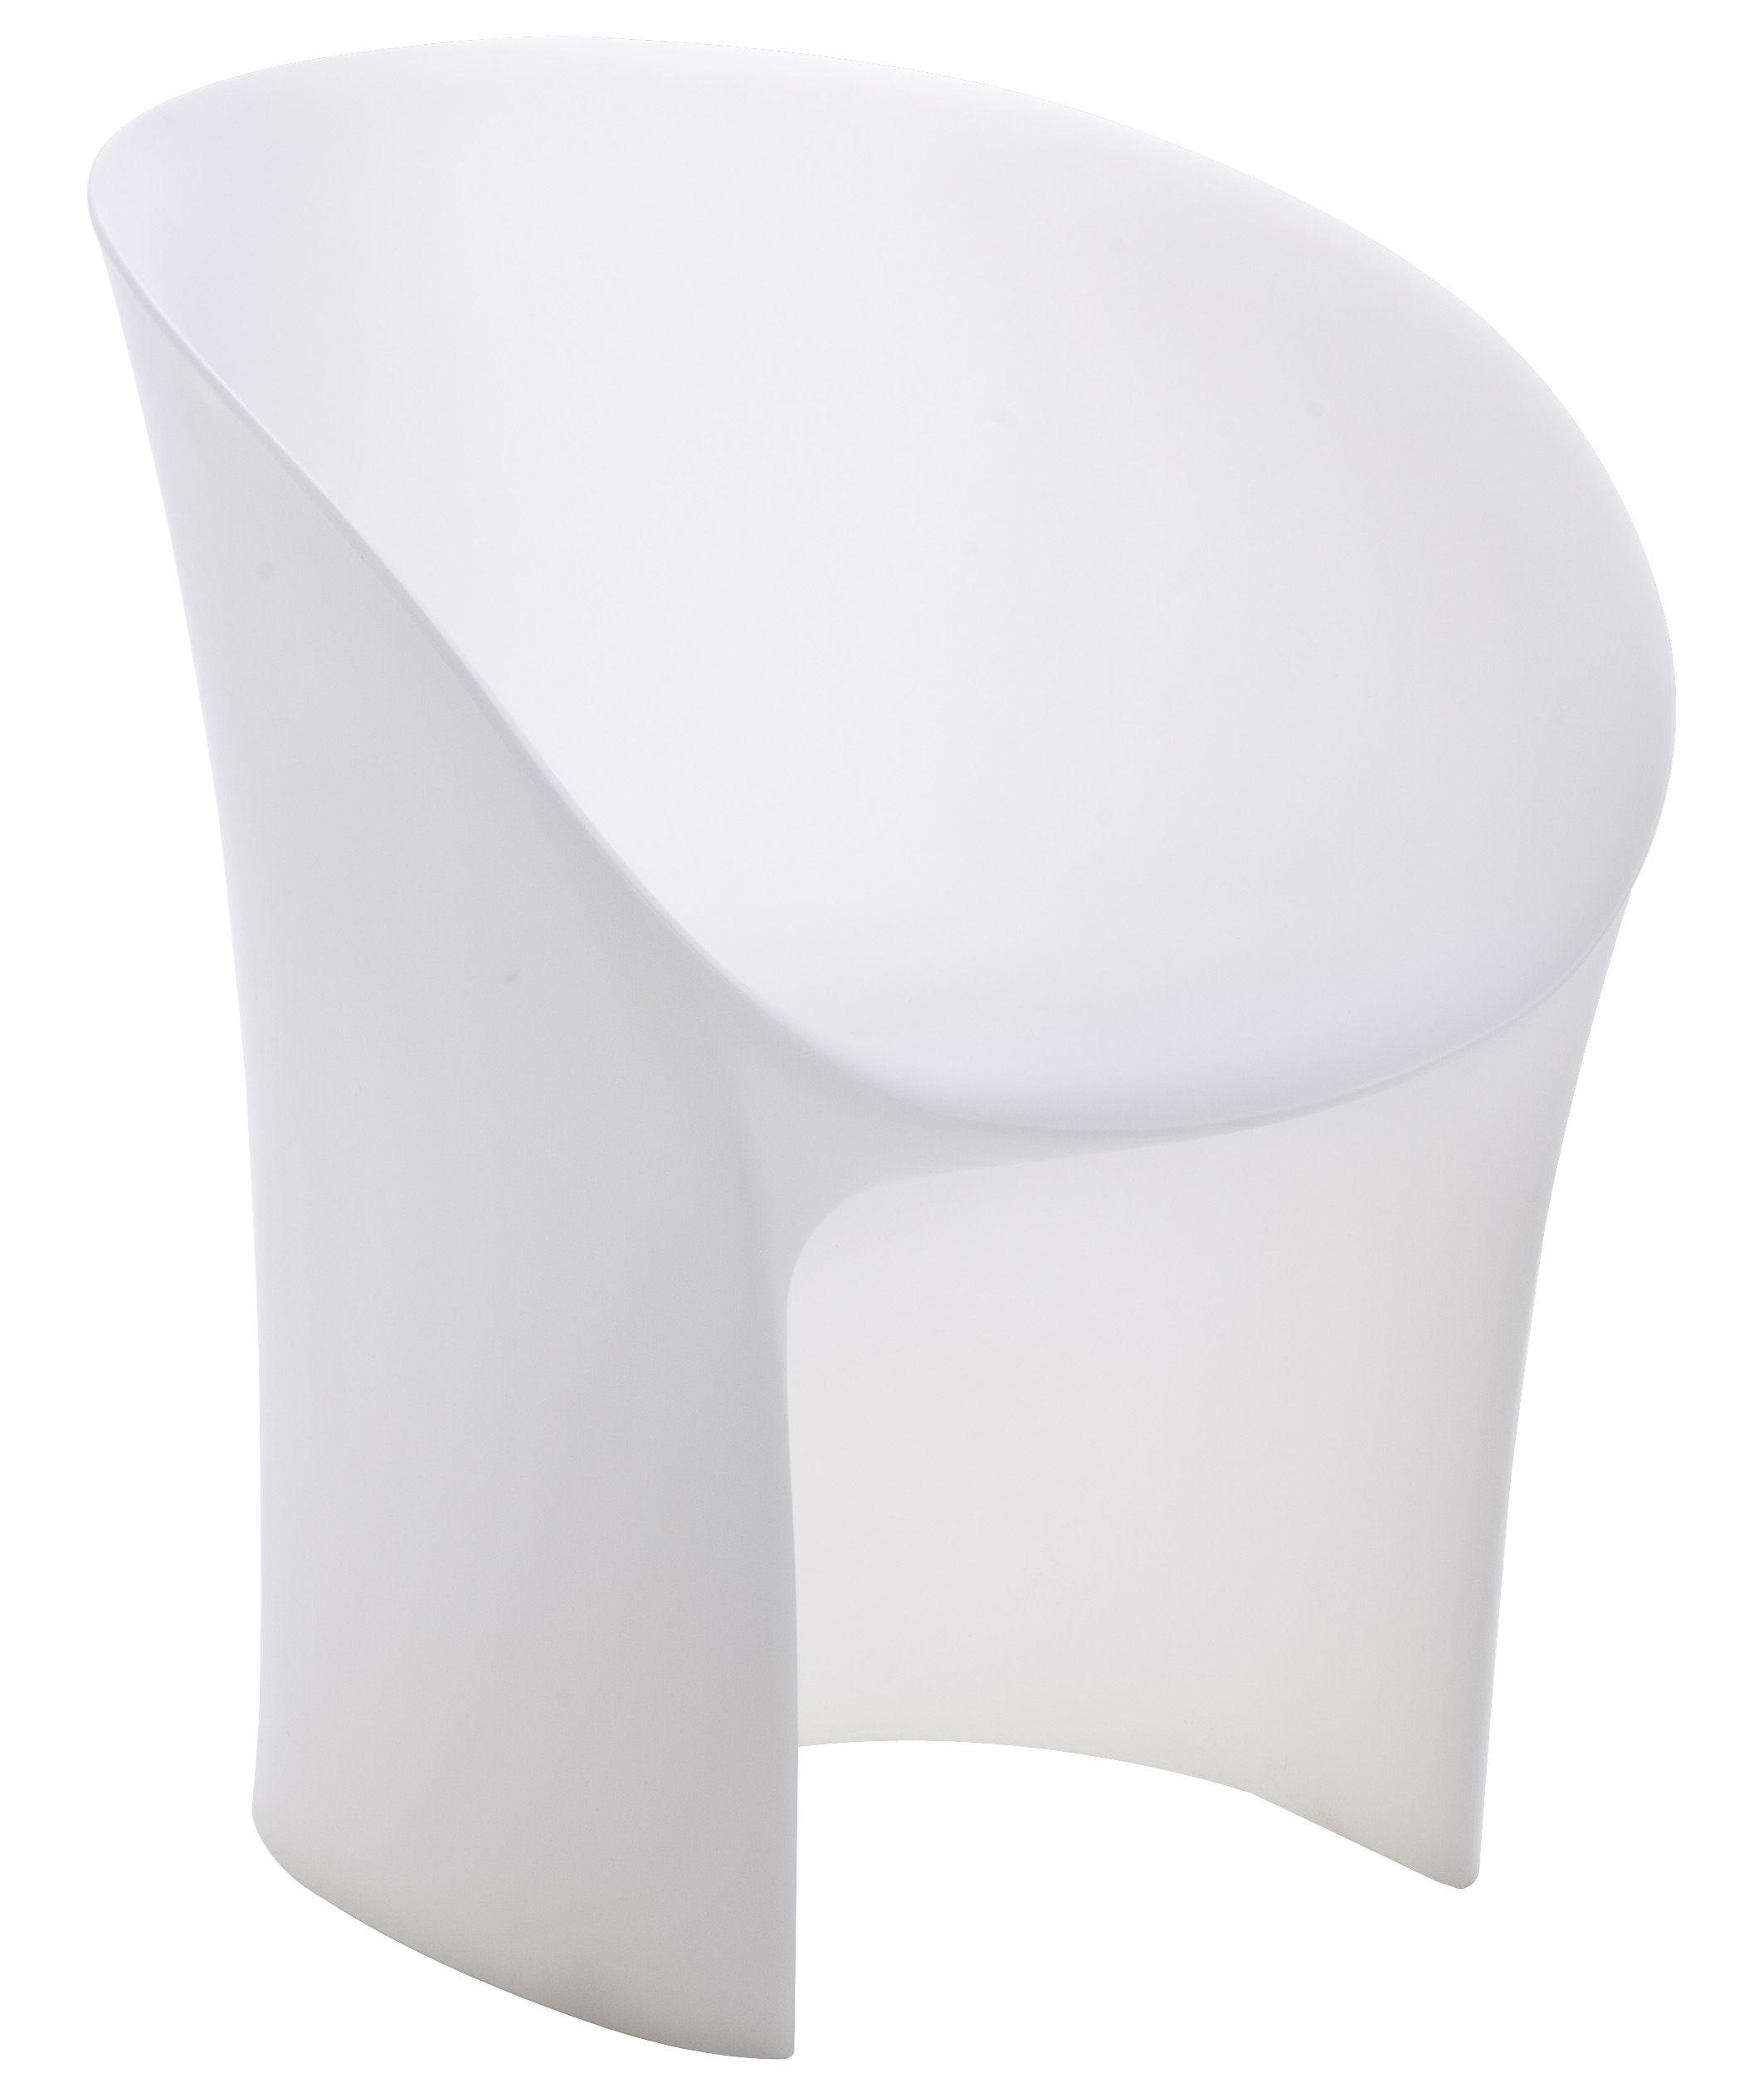 Möbel - Stühle  - Moon Sessel für Haus und Garten - Moroso - Weiß-transparent - Polyäthylen